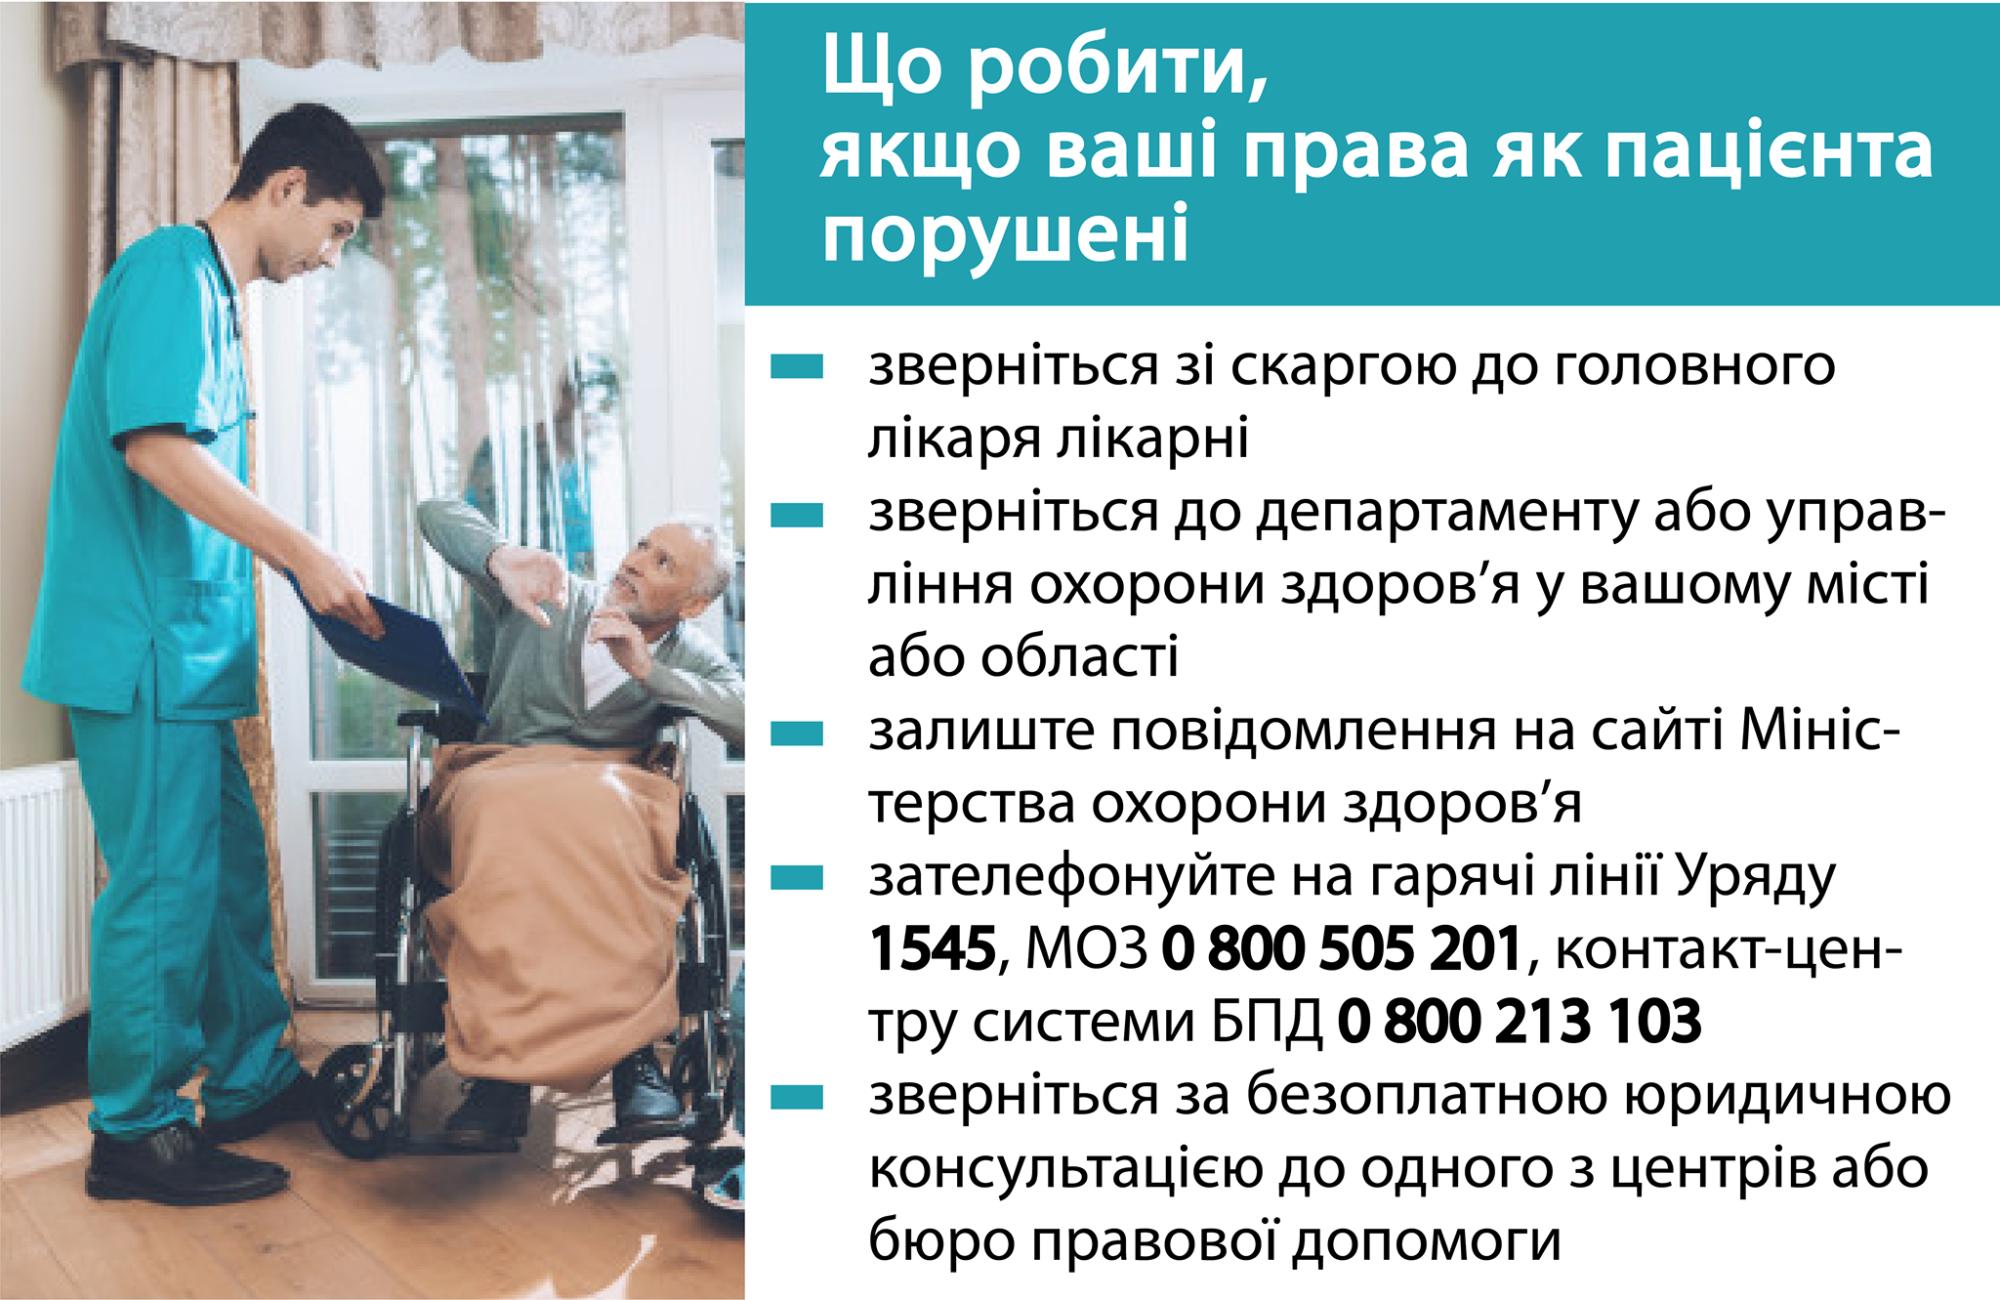 87154200_2604216156342699_3275406952590475264_o-2000x1300 На що має право пацієнт та куди звертатись, якщо це право порушене